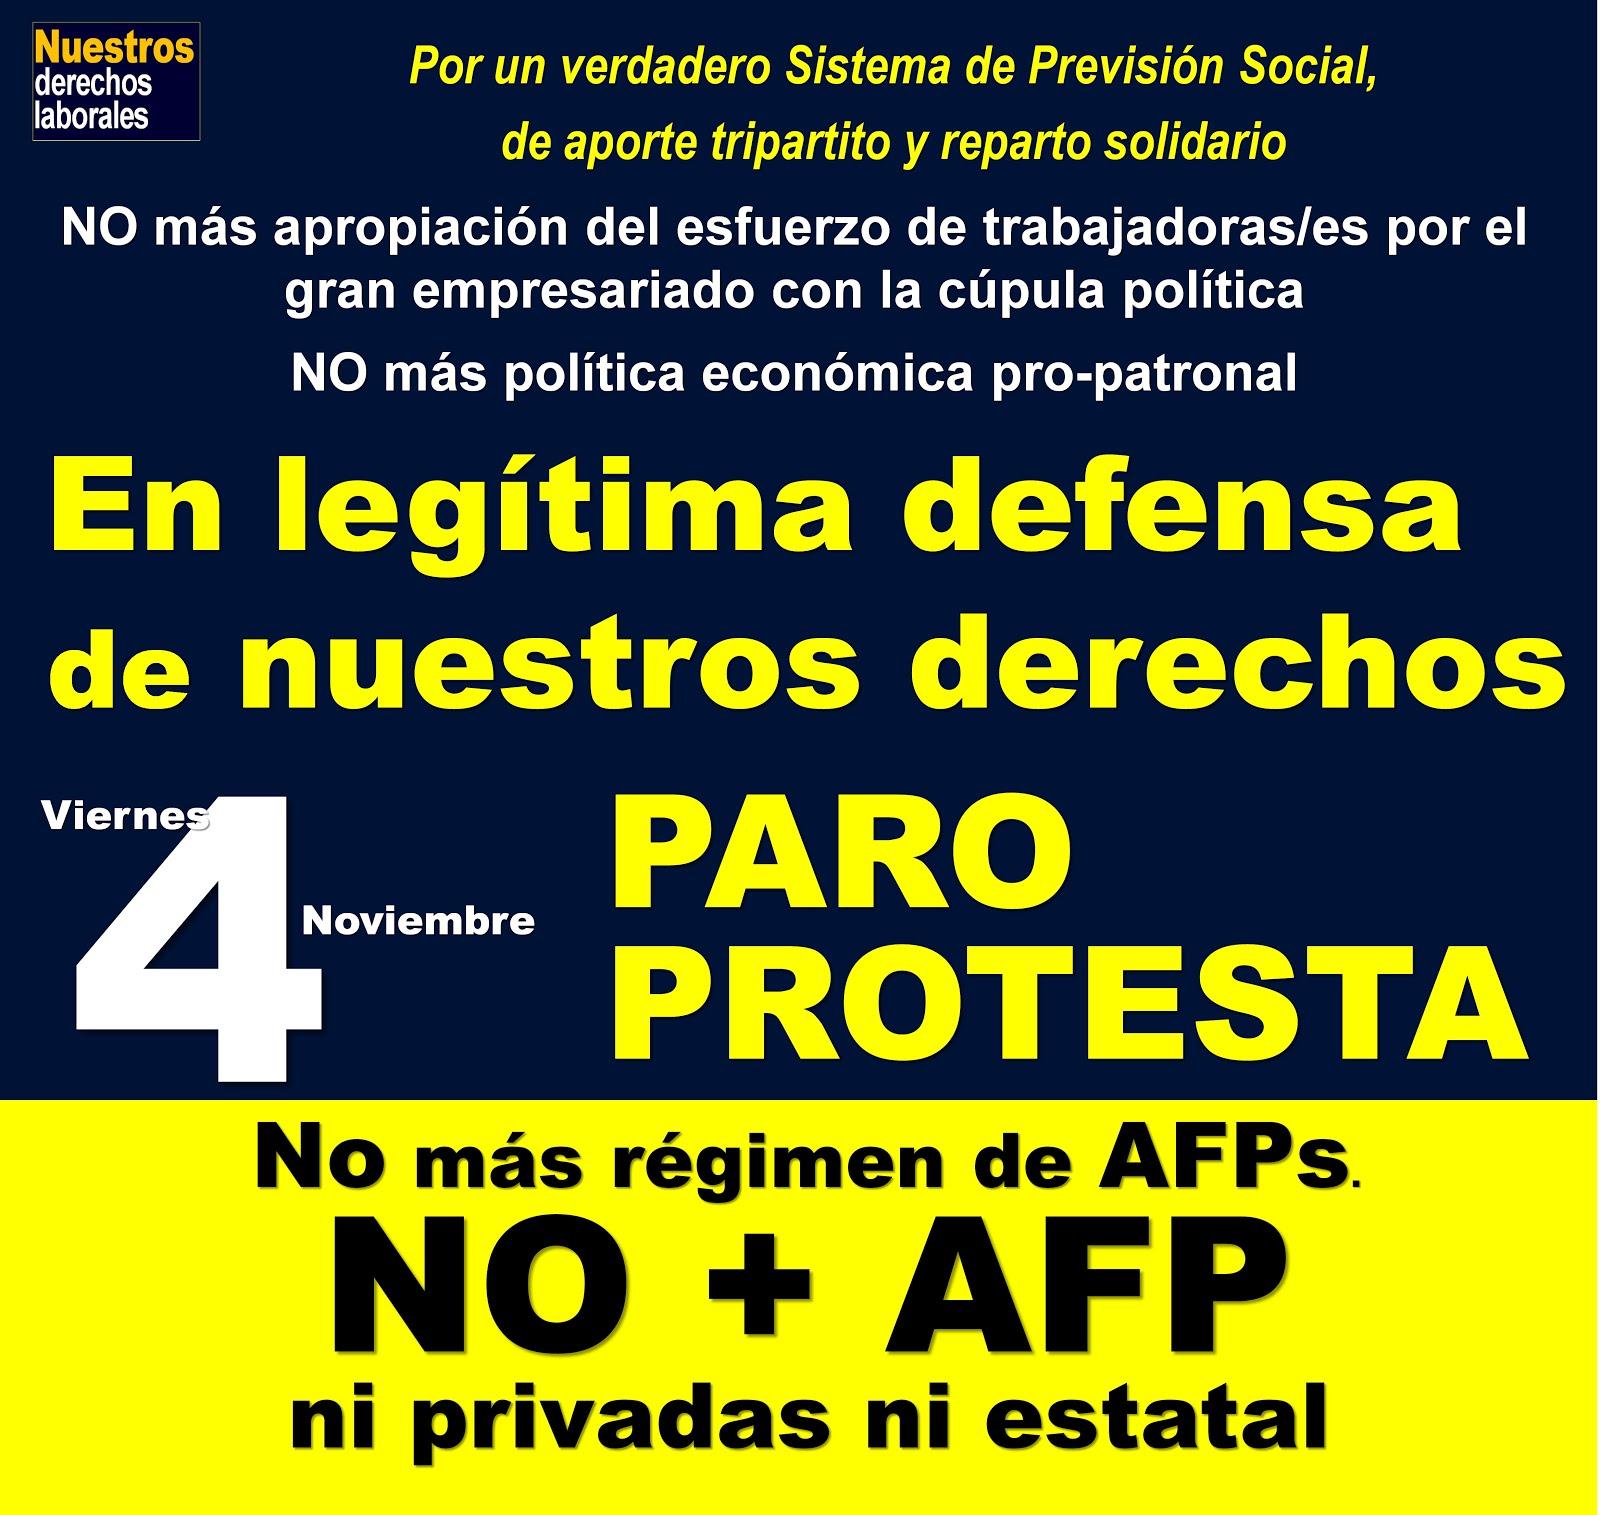 En legítima defensa de derechos esenciales. Paro-Protesta viernes 4 de noviembre.